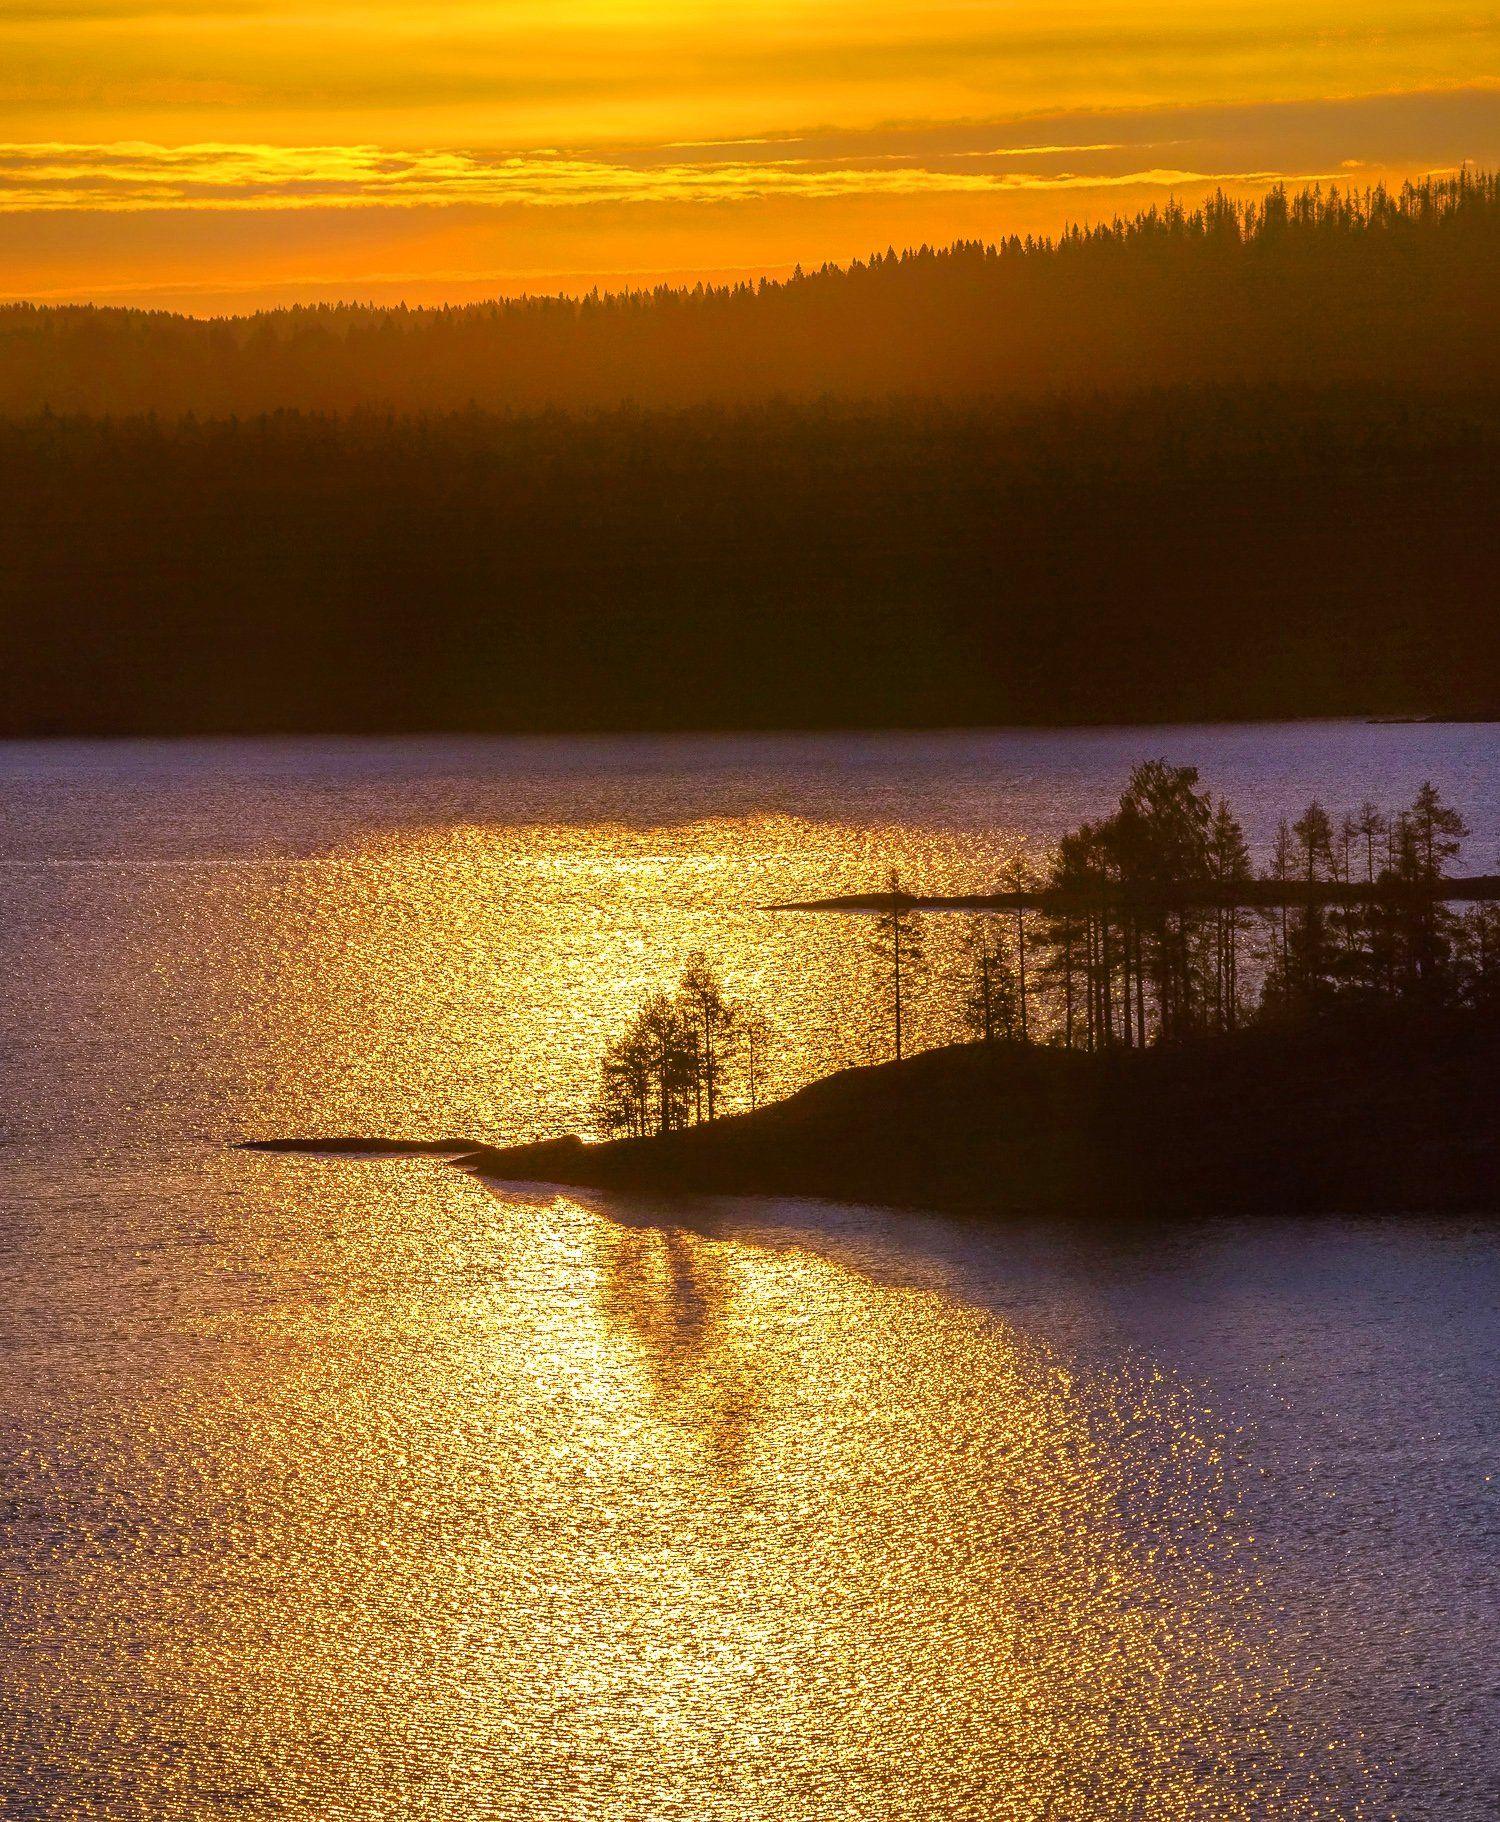 ладожское озеро, карелия, шхеры, лето, солнце, скалы, вода, рассвет, деревья, отражение, сосны., Лашков Фёдор